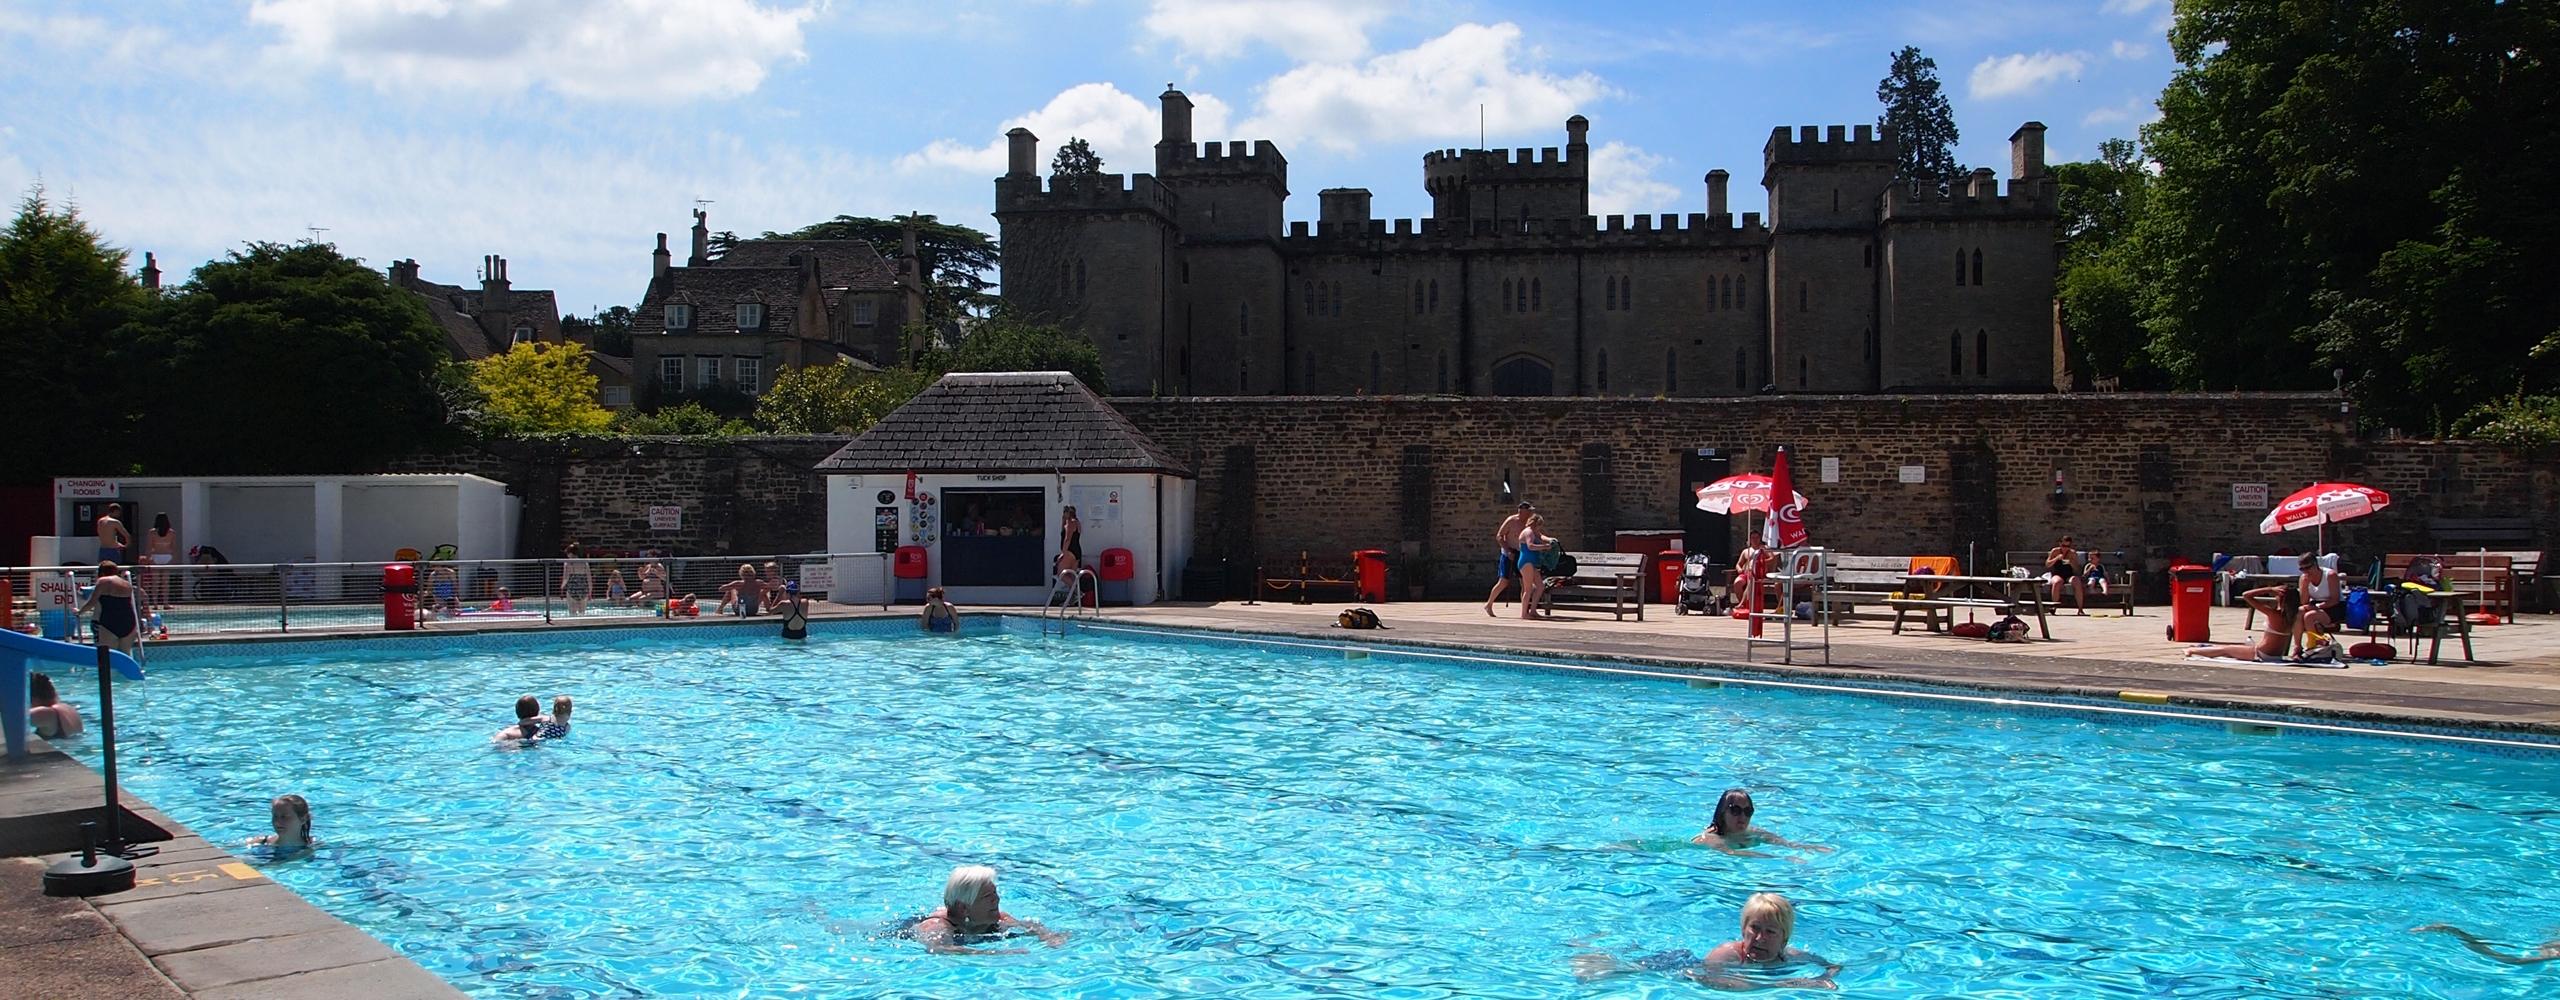 Lido waterlog reswum - Hathersage open air swimming pool ...